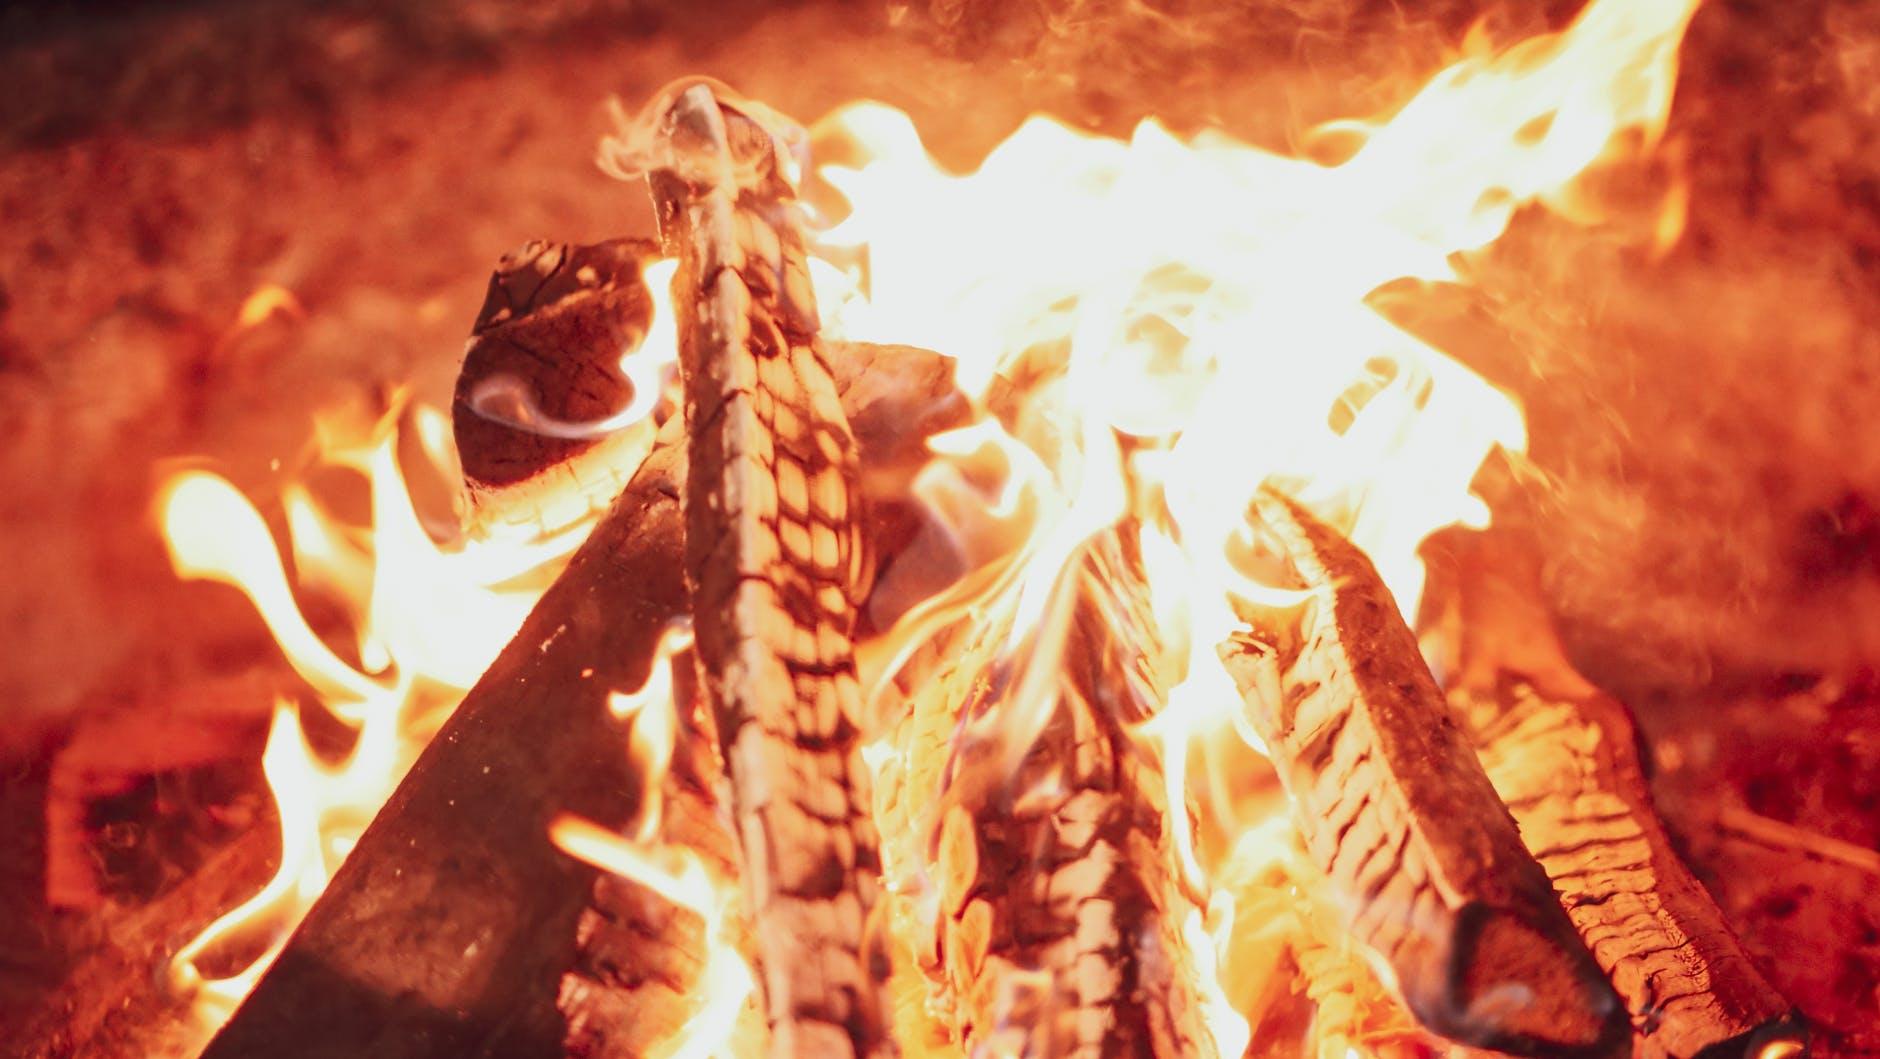 close up photo of a bonfire